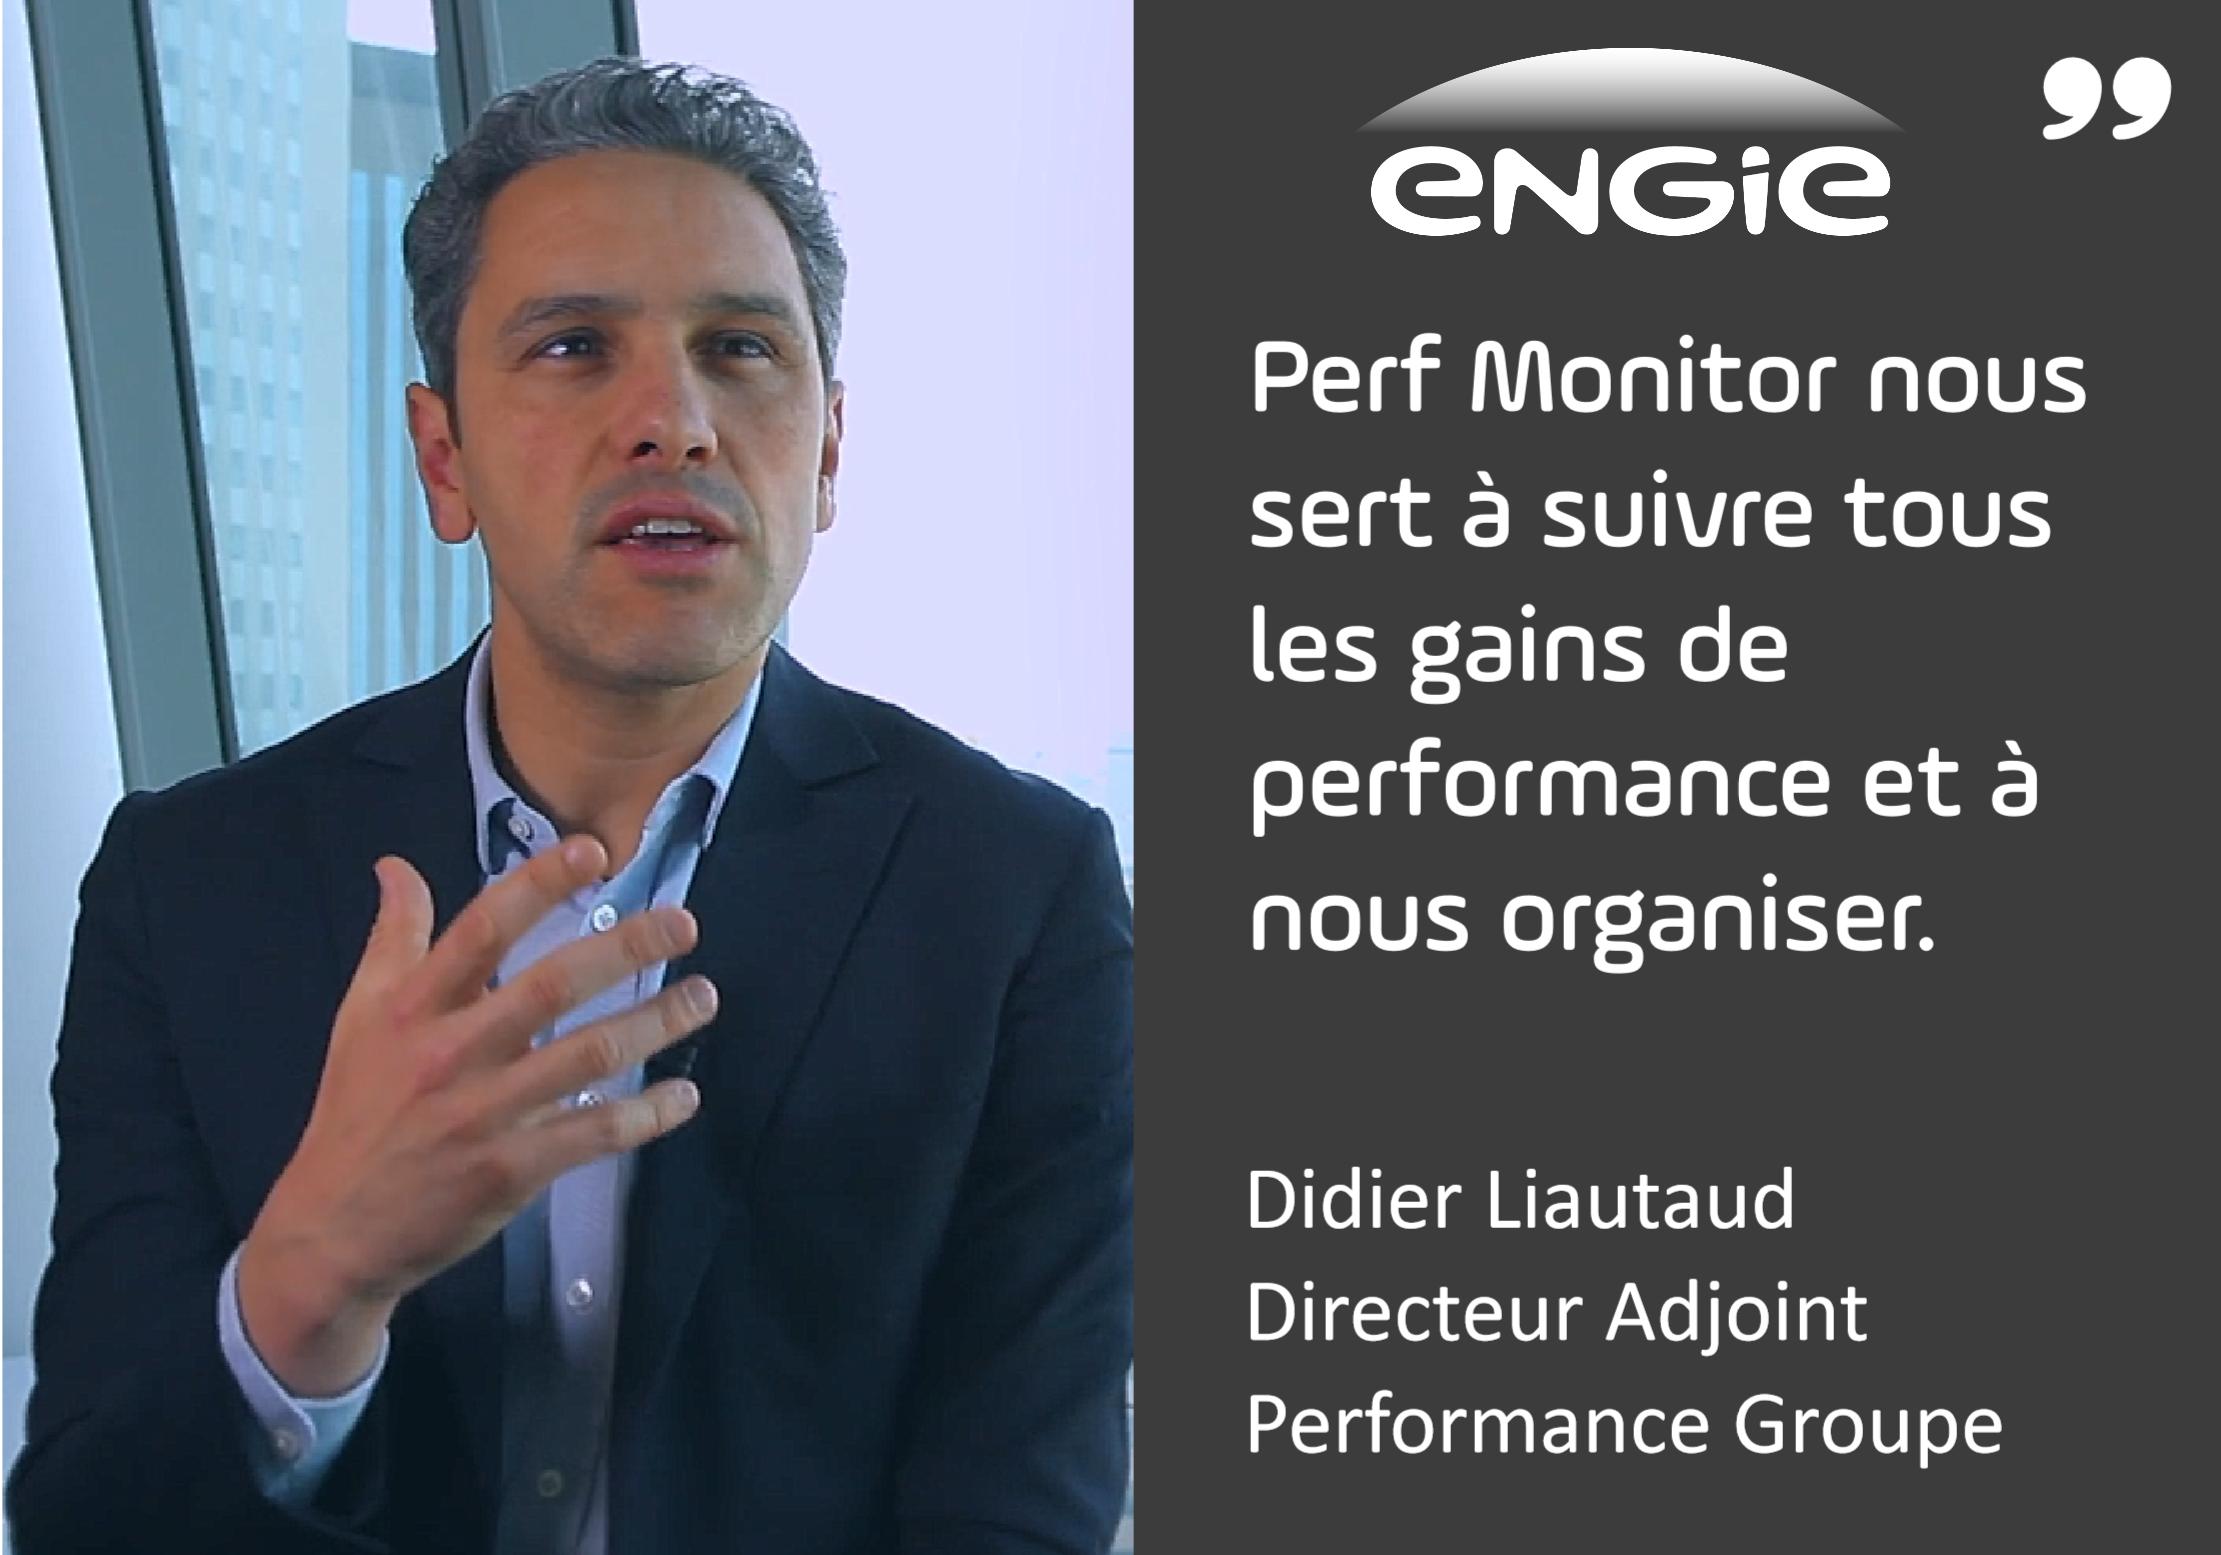 Plan Lean 2018 - plan de performance d'1 milliard d'euros d'économie suivi dans Perf Monitor